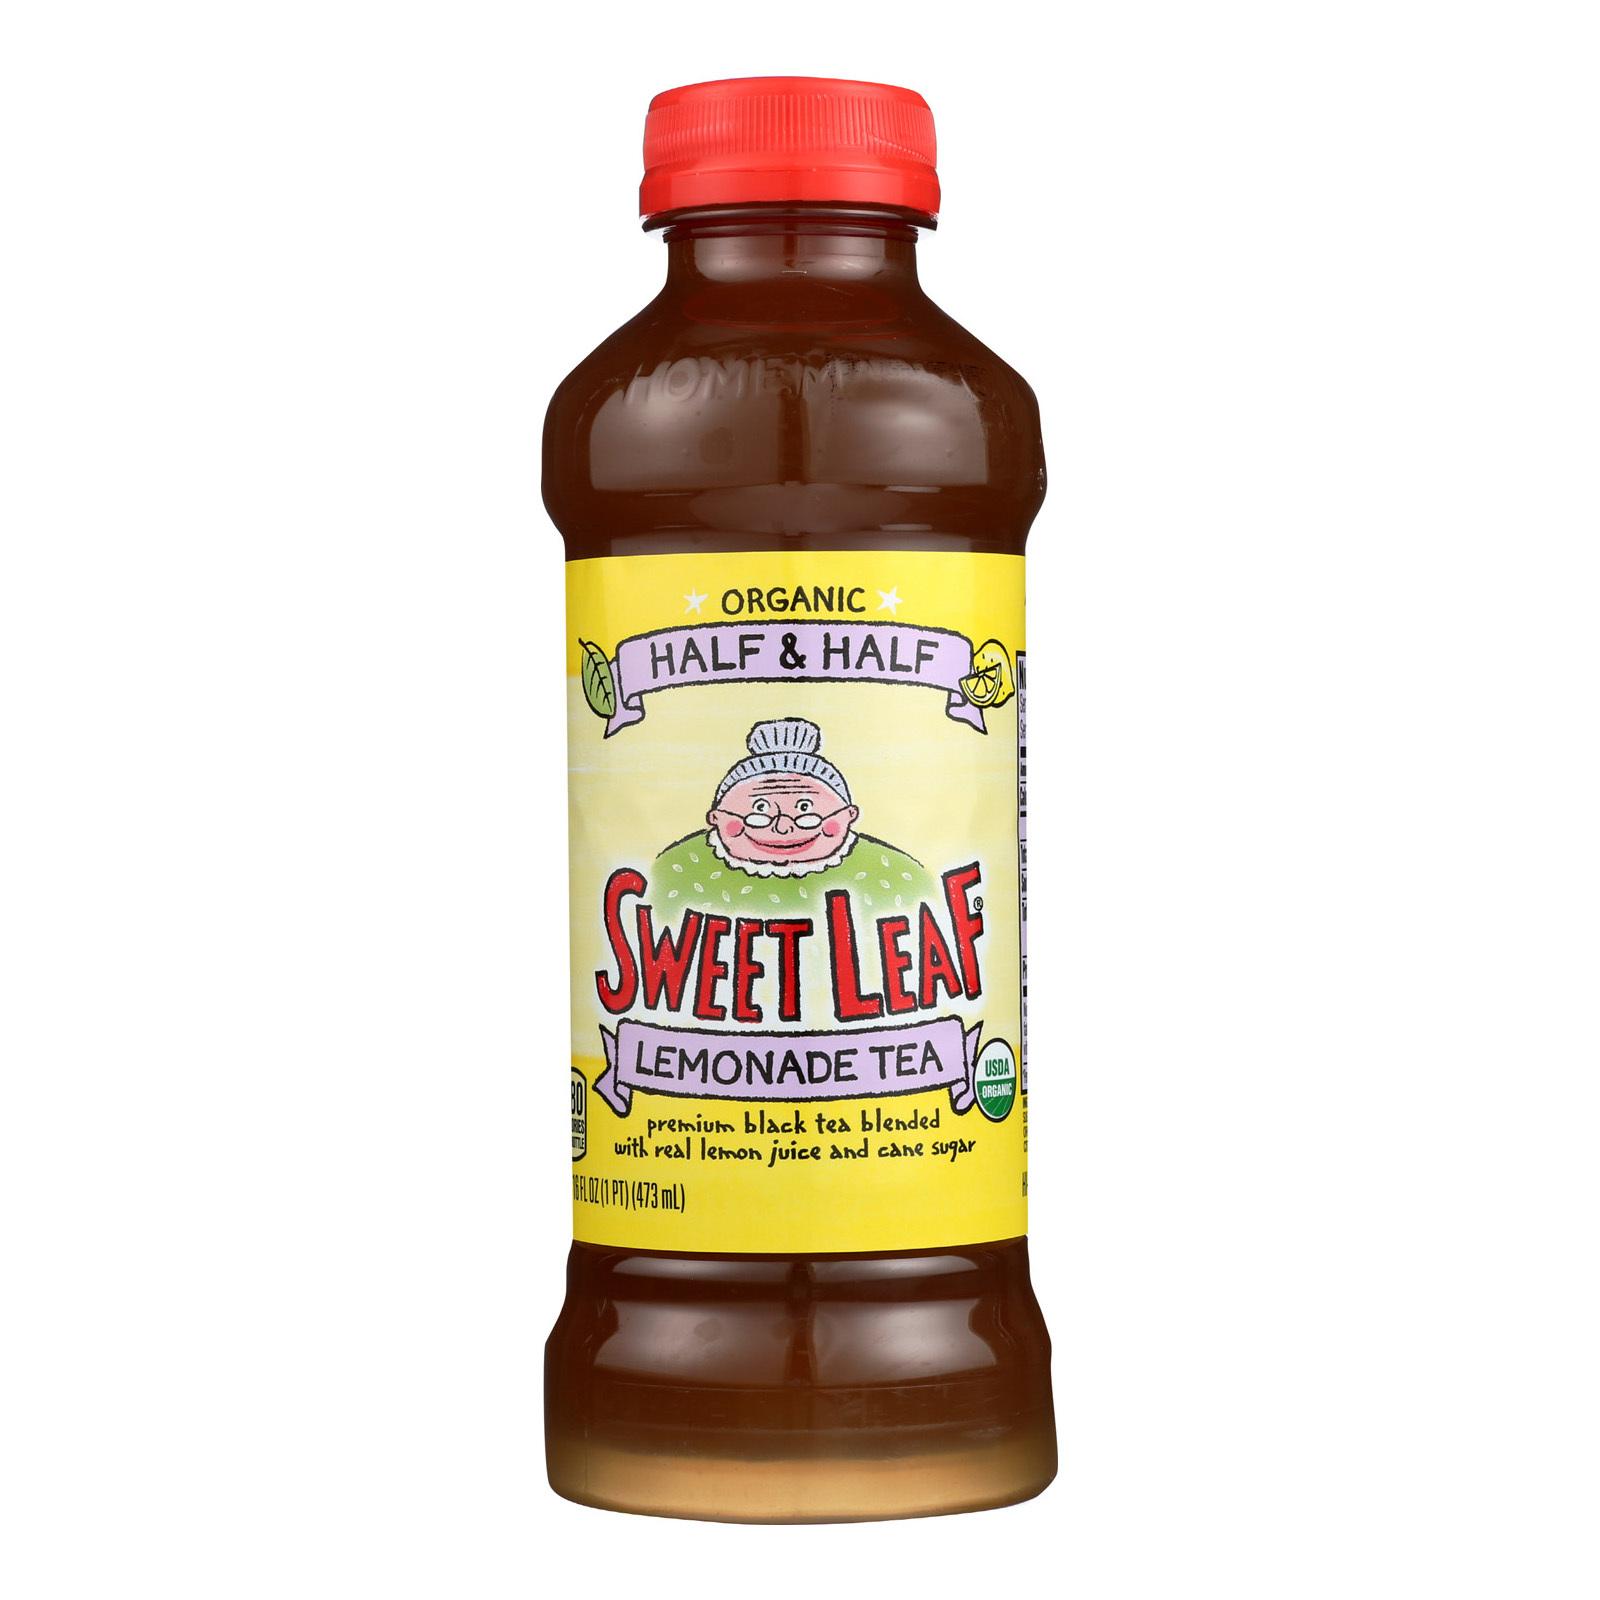 Sweet Leaf Tea Premium Iced Black Tea - Half and Half - Case of 12 - 16 Fl oz.